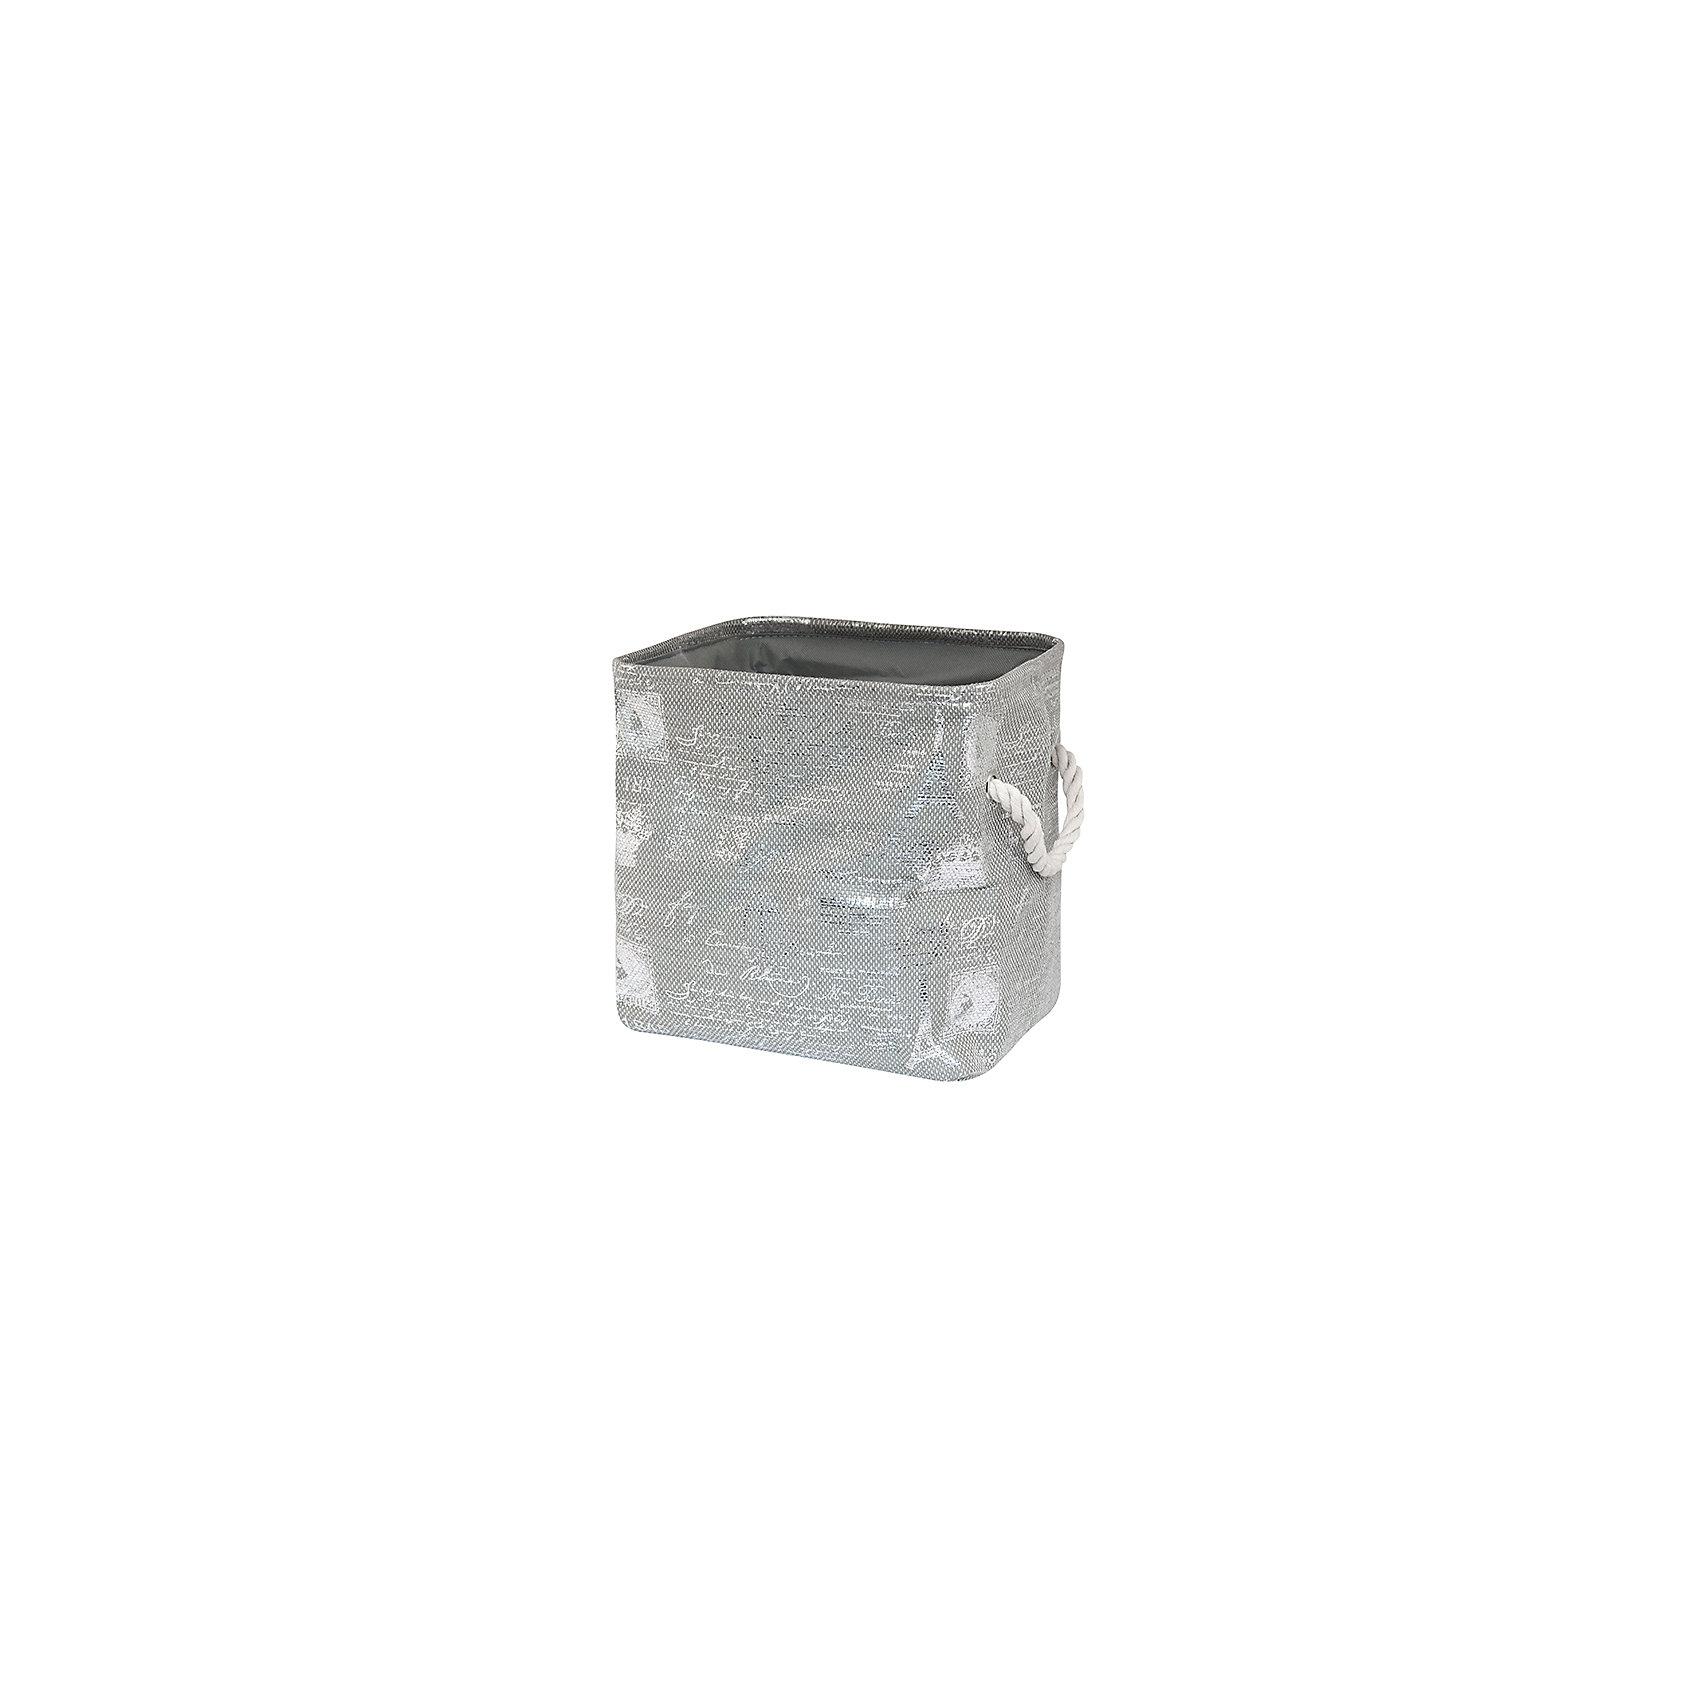 Кофр складной для хранения 30*25*30 см. Париж серебро, EL CasaПорядок в детской<br>Кофр складной мягкий для хранения имеет прямоугольную форму. Не имеет жестких вставок, при этом держит форму и имеет эстетичный вид. Легко слкадывается и раскладывается, подходит для размещения в шкафу.<br><br>Ширина мм: 310<br>Глубина мм: 260<br>Высота мм: 60<br>Вес г: 367<br>Возраст от месяцев: 0<br>Возраст до месяцев: 1188<br>Пол: Унисекс<br>Возраст: Детский<br>SKU: 6668725